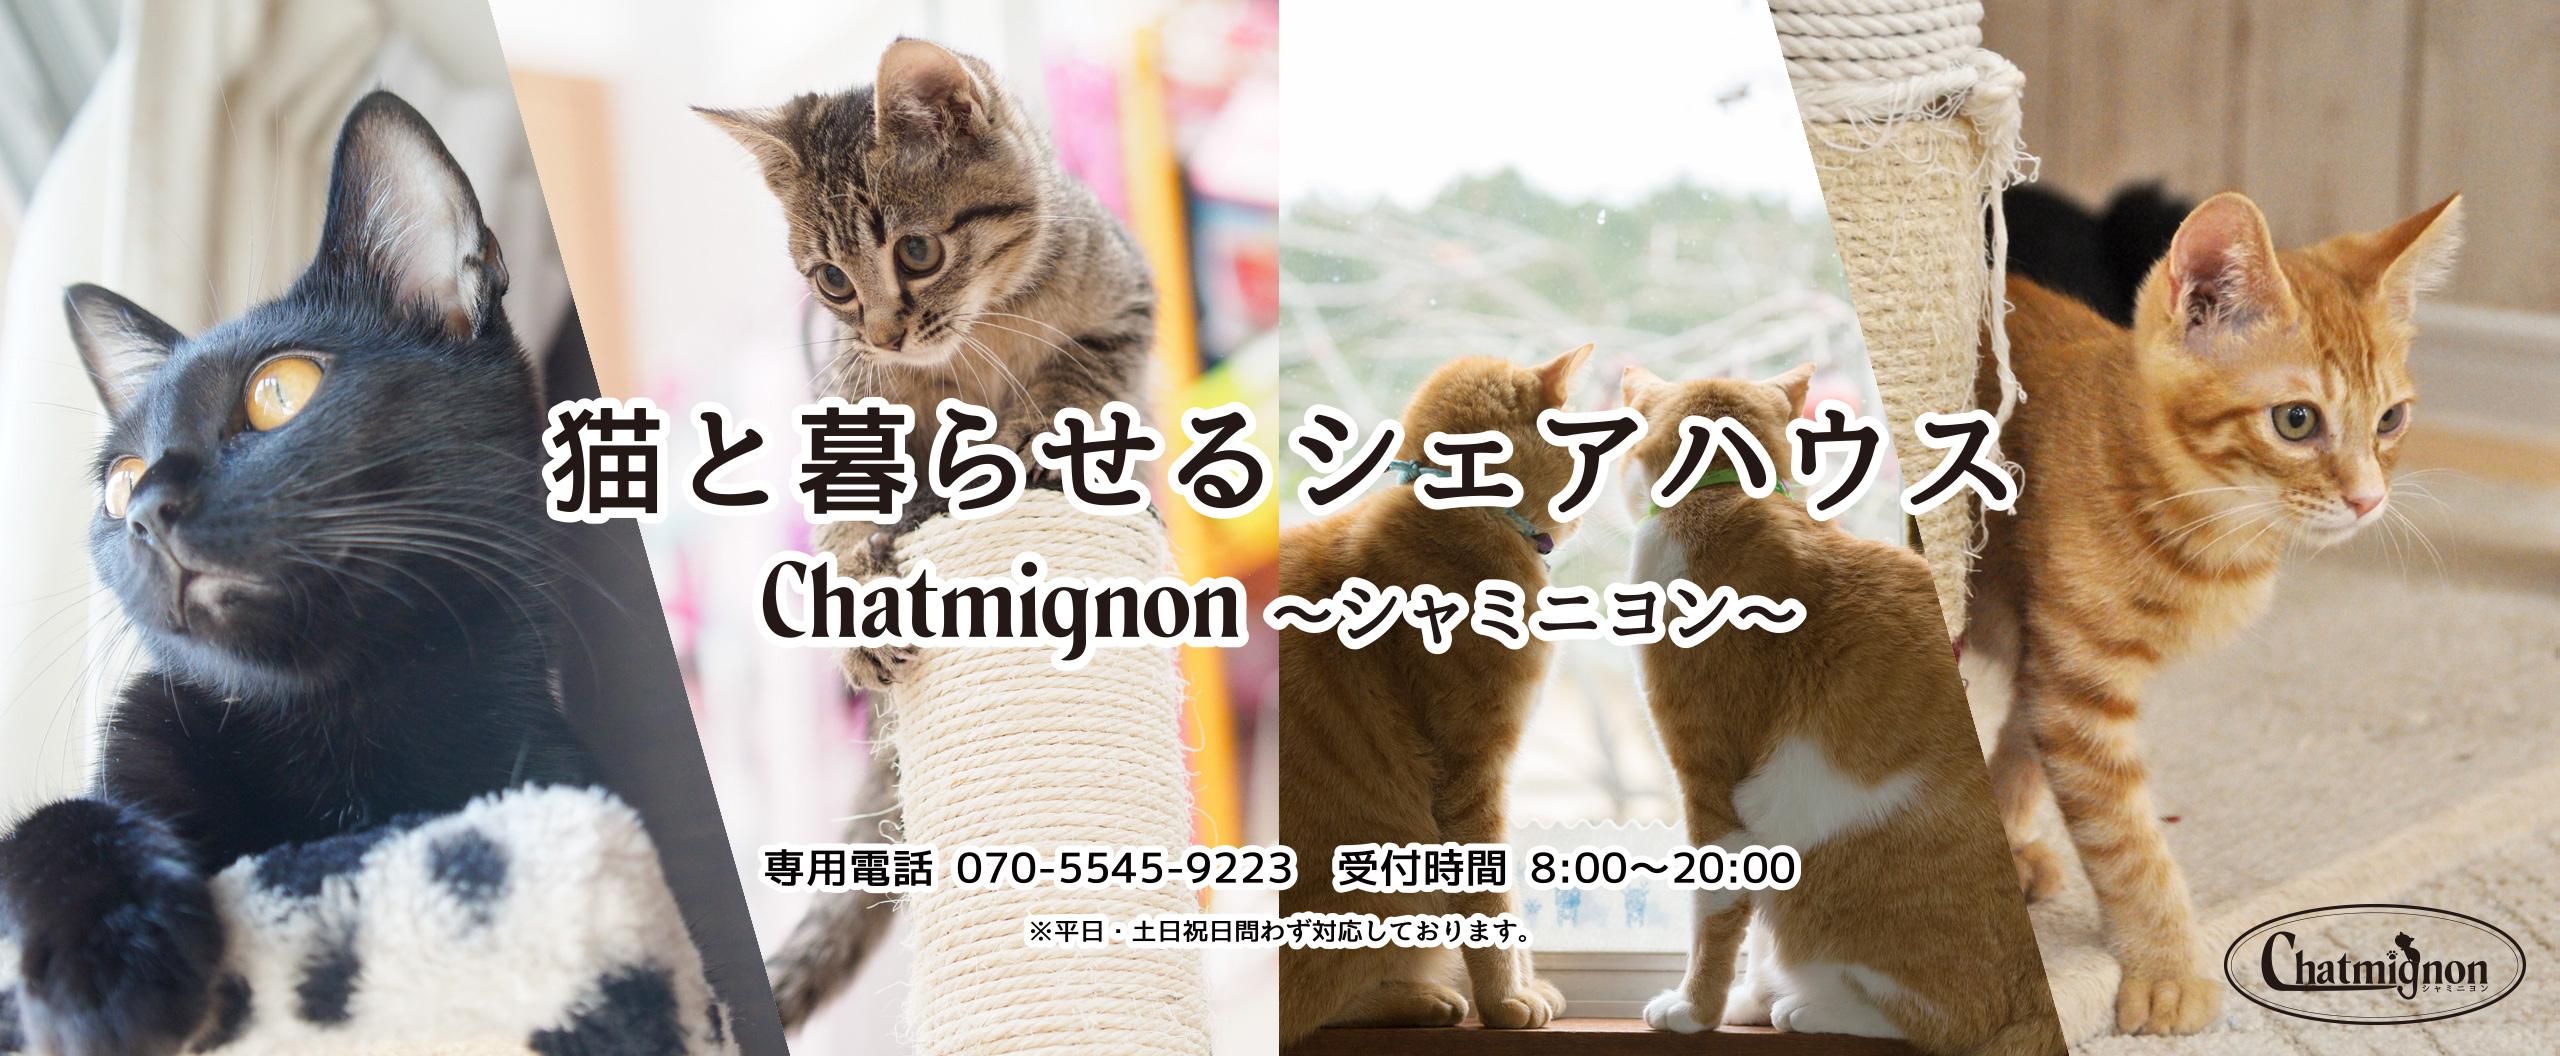 猫と暮らせるシェアハウス